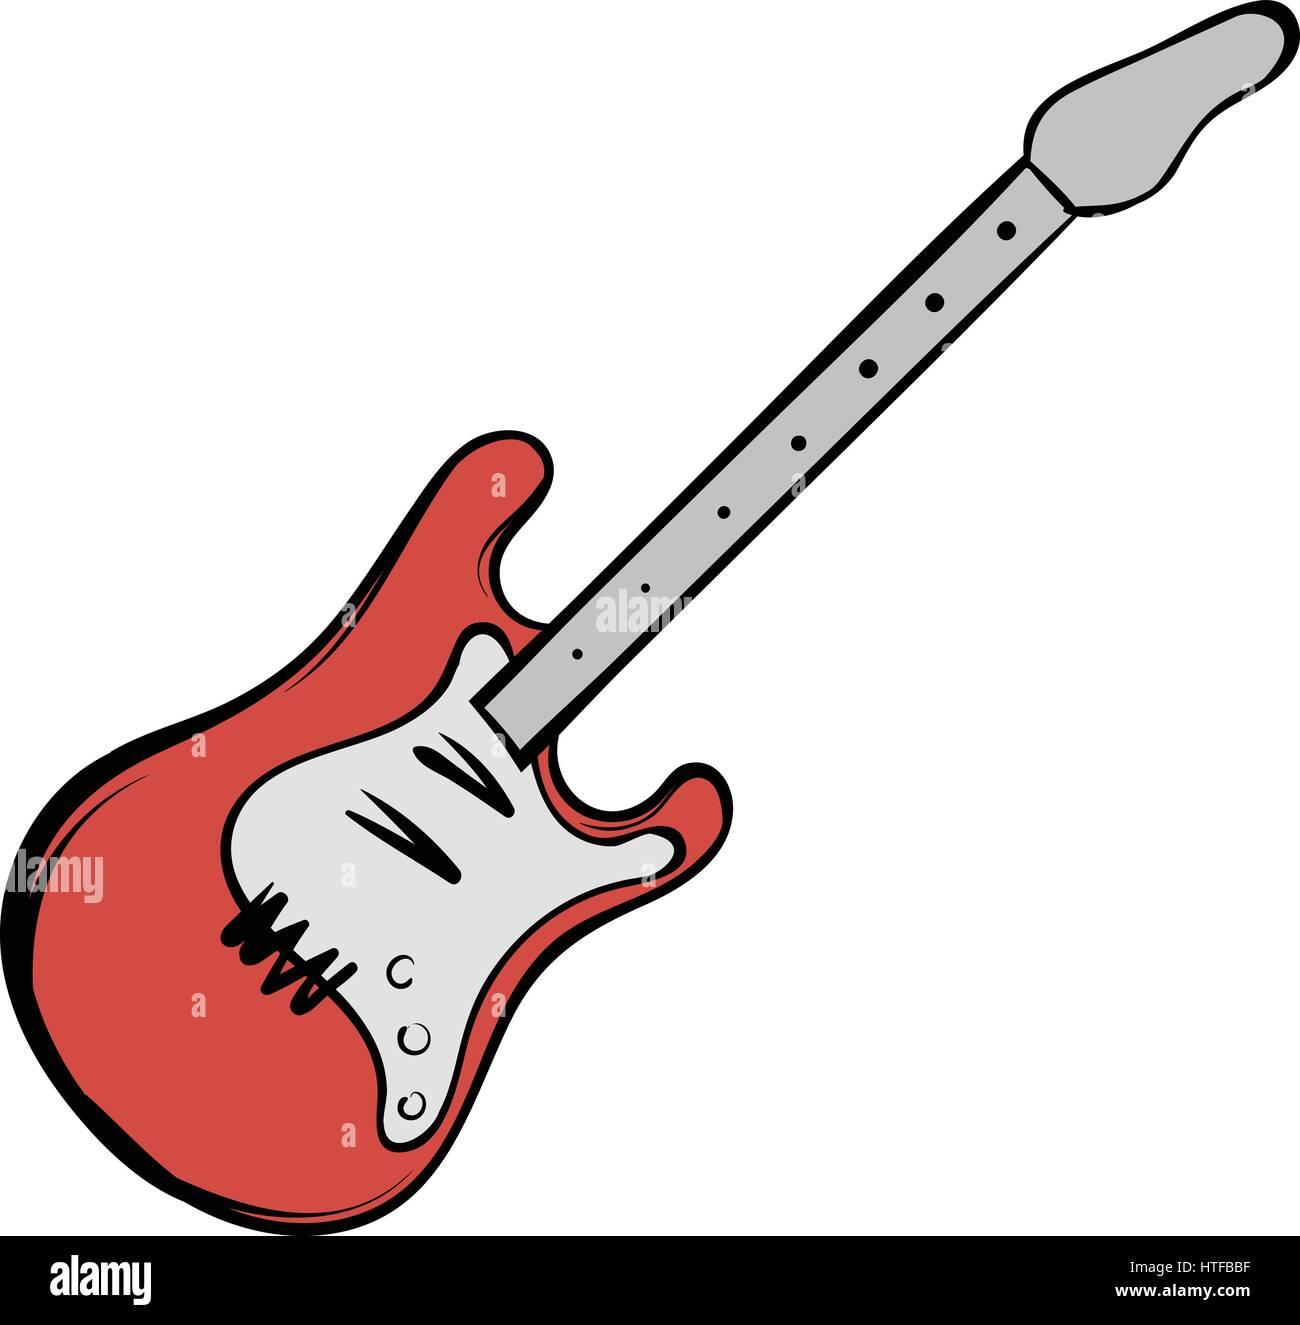 Guitarra Eléctrica De Color Rojo En El Icono De Estilo De